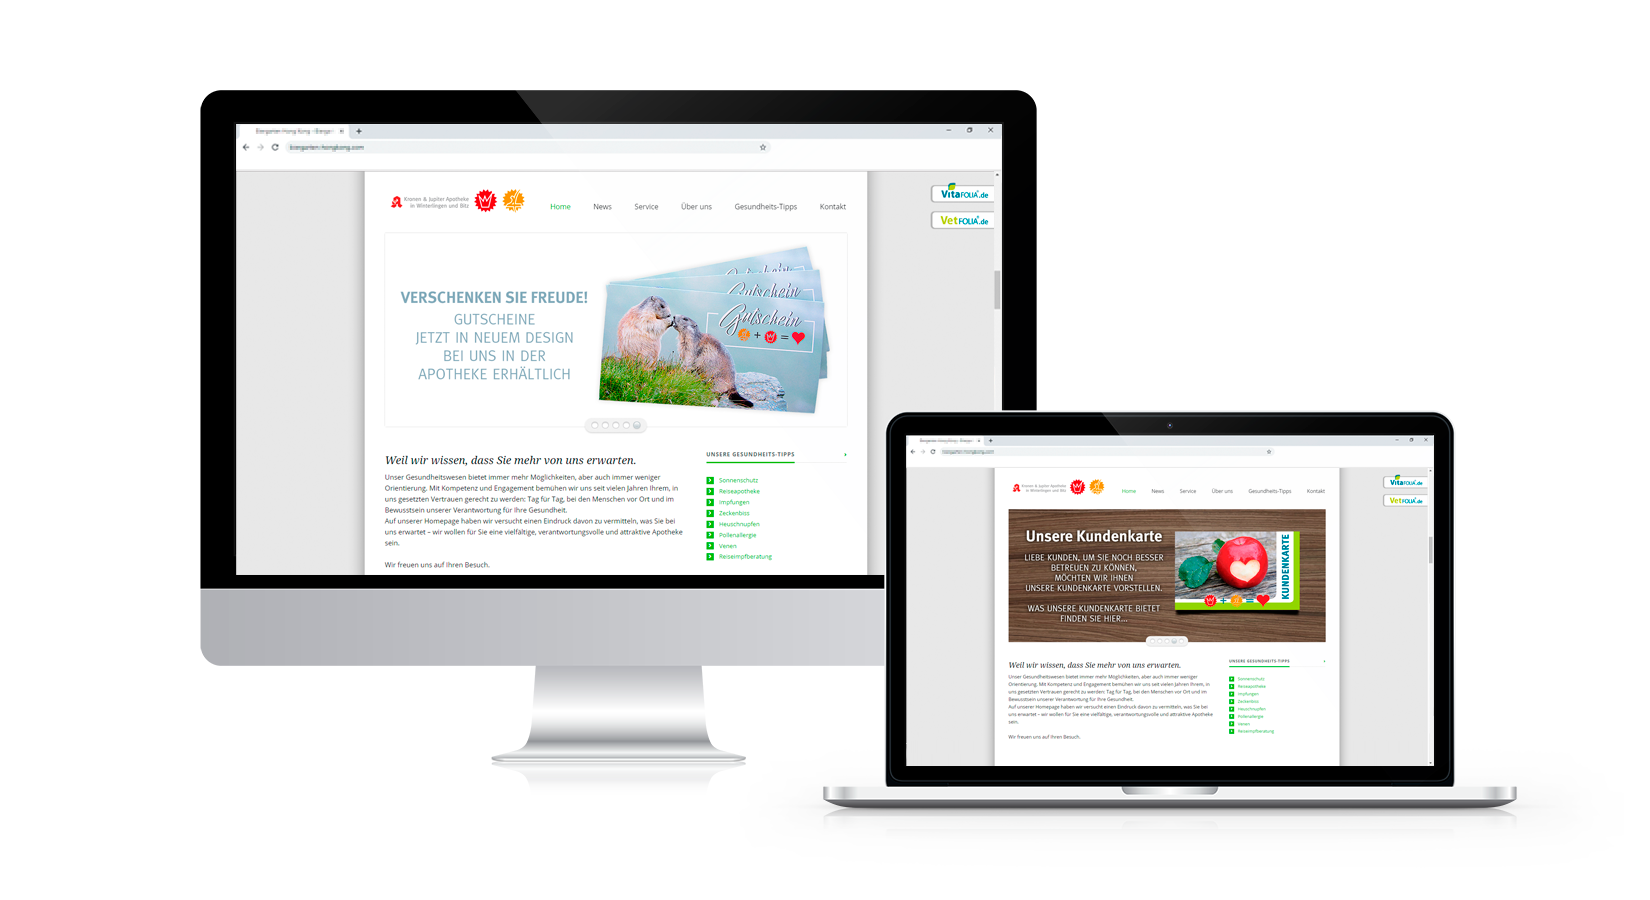 Website der Hepp Apotheken